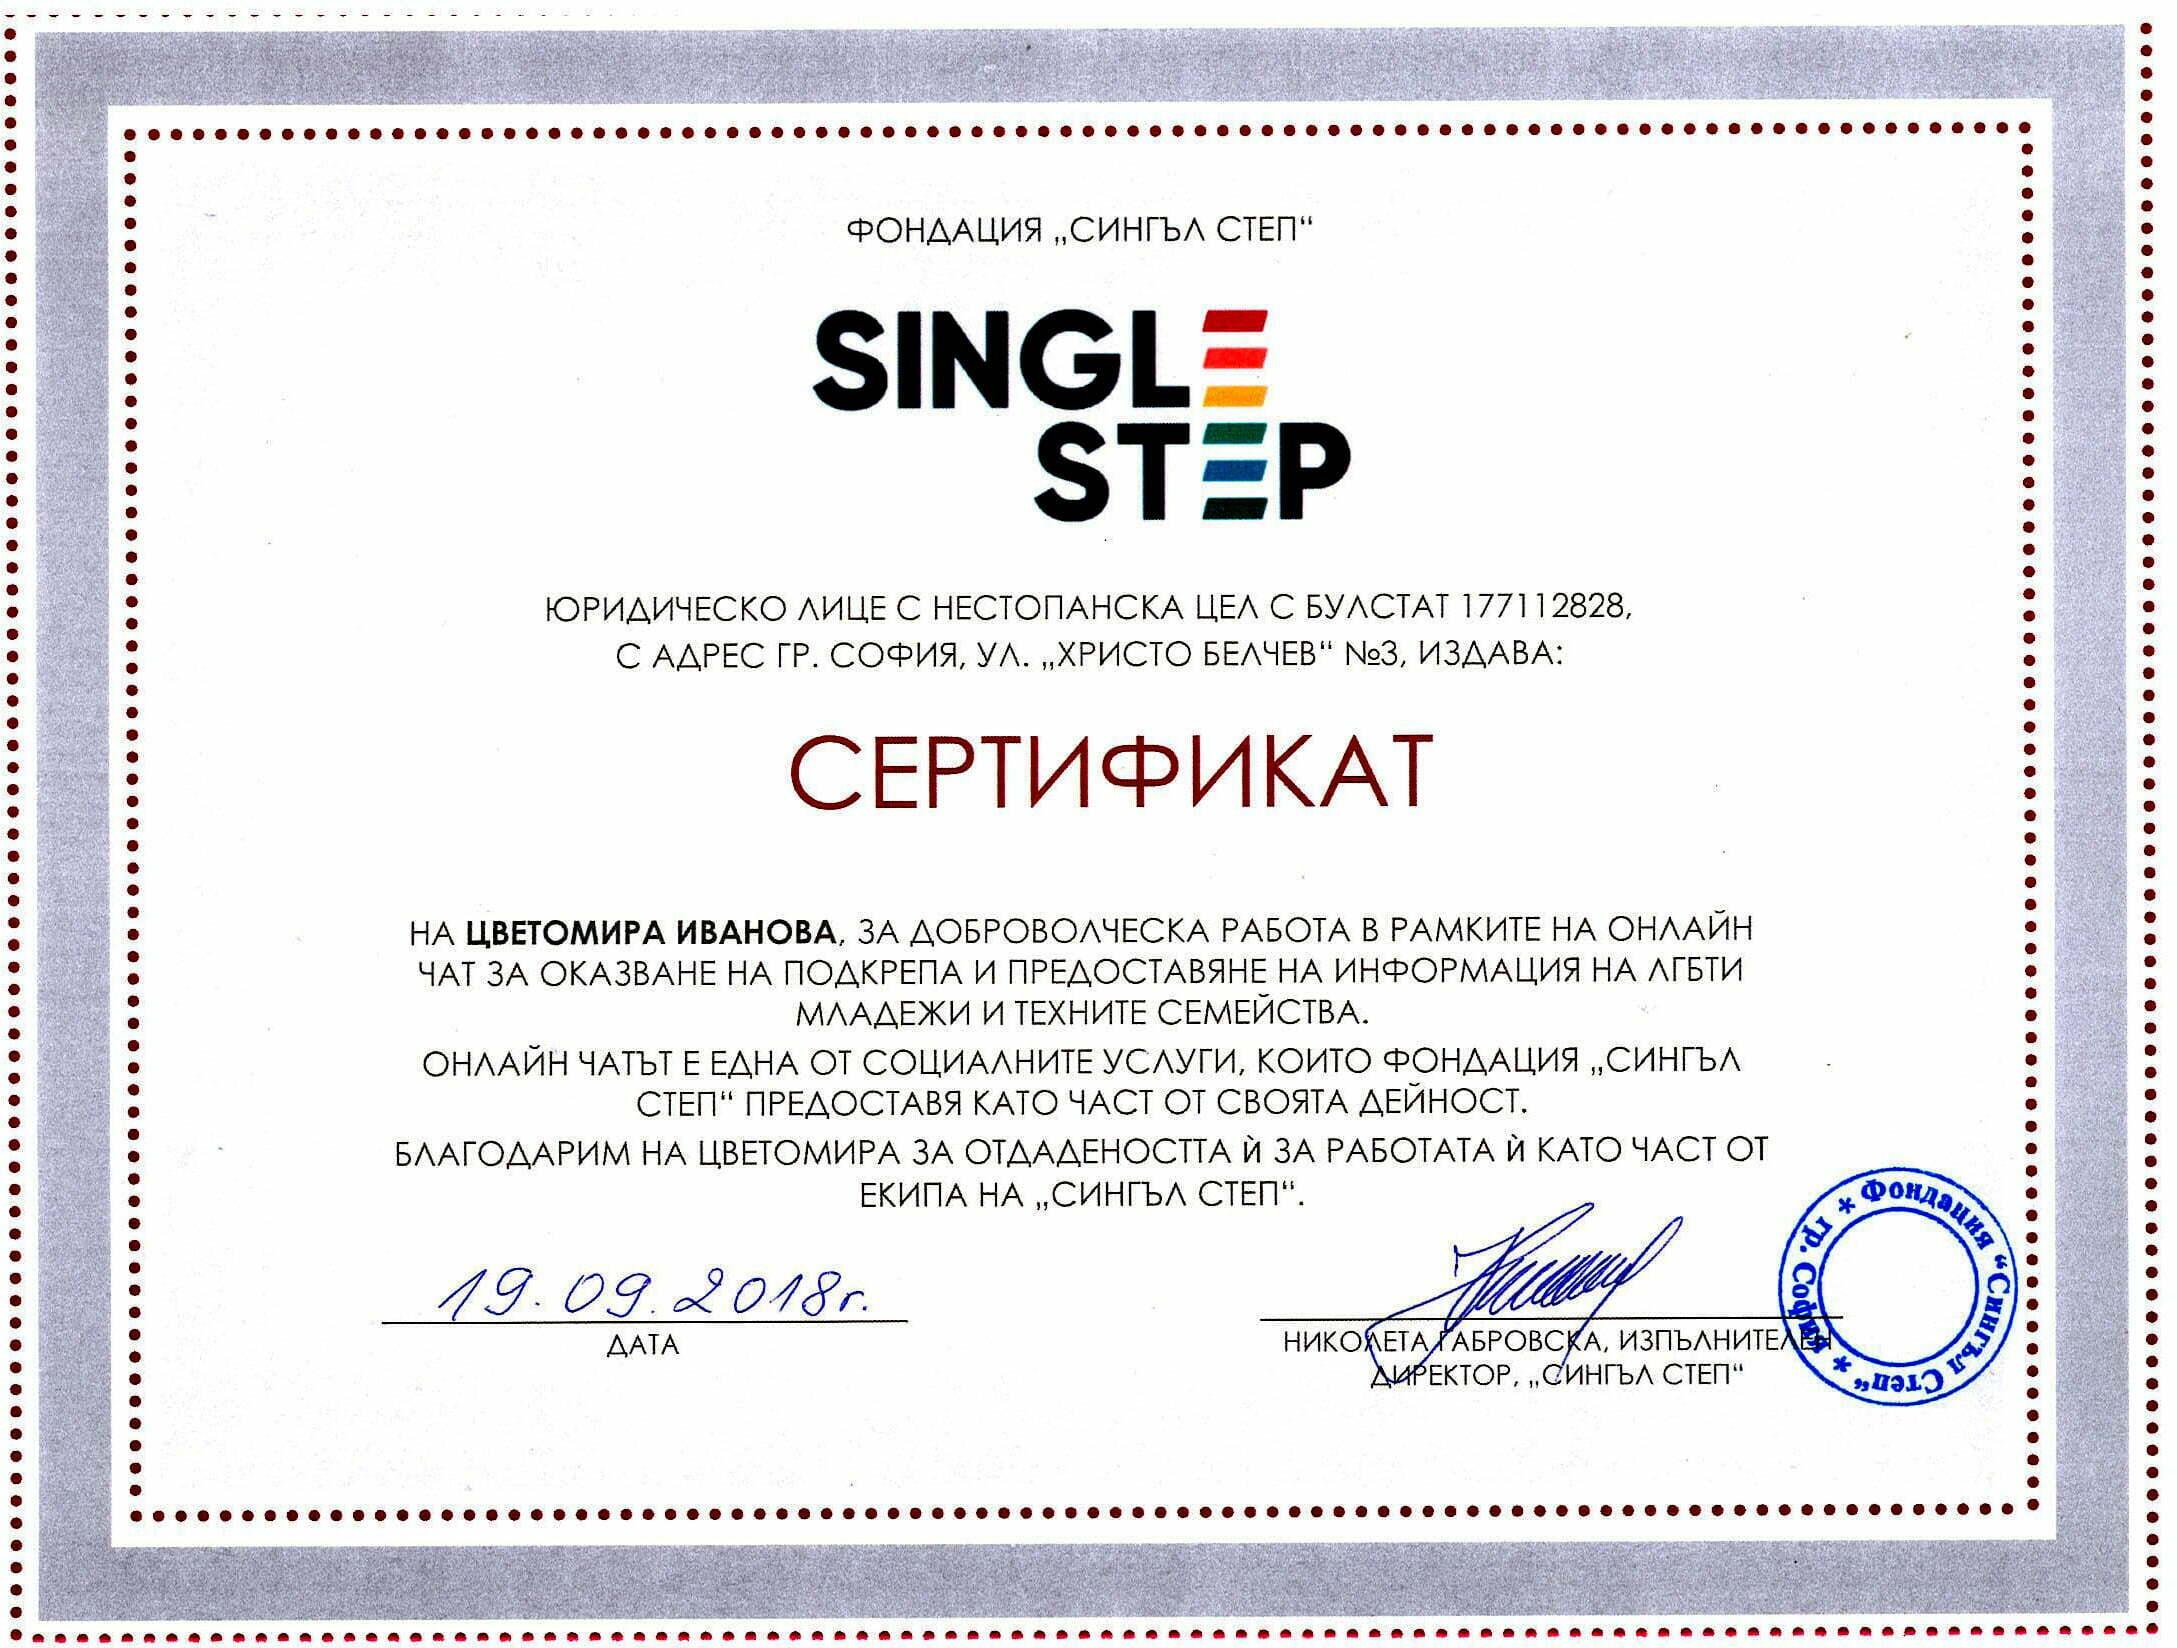 Singe Step Certificate